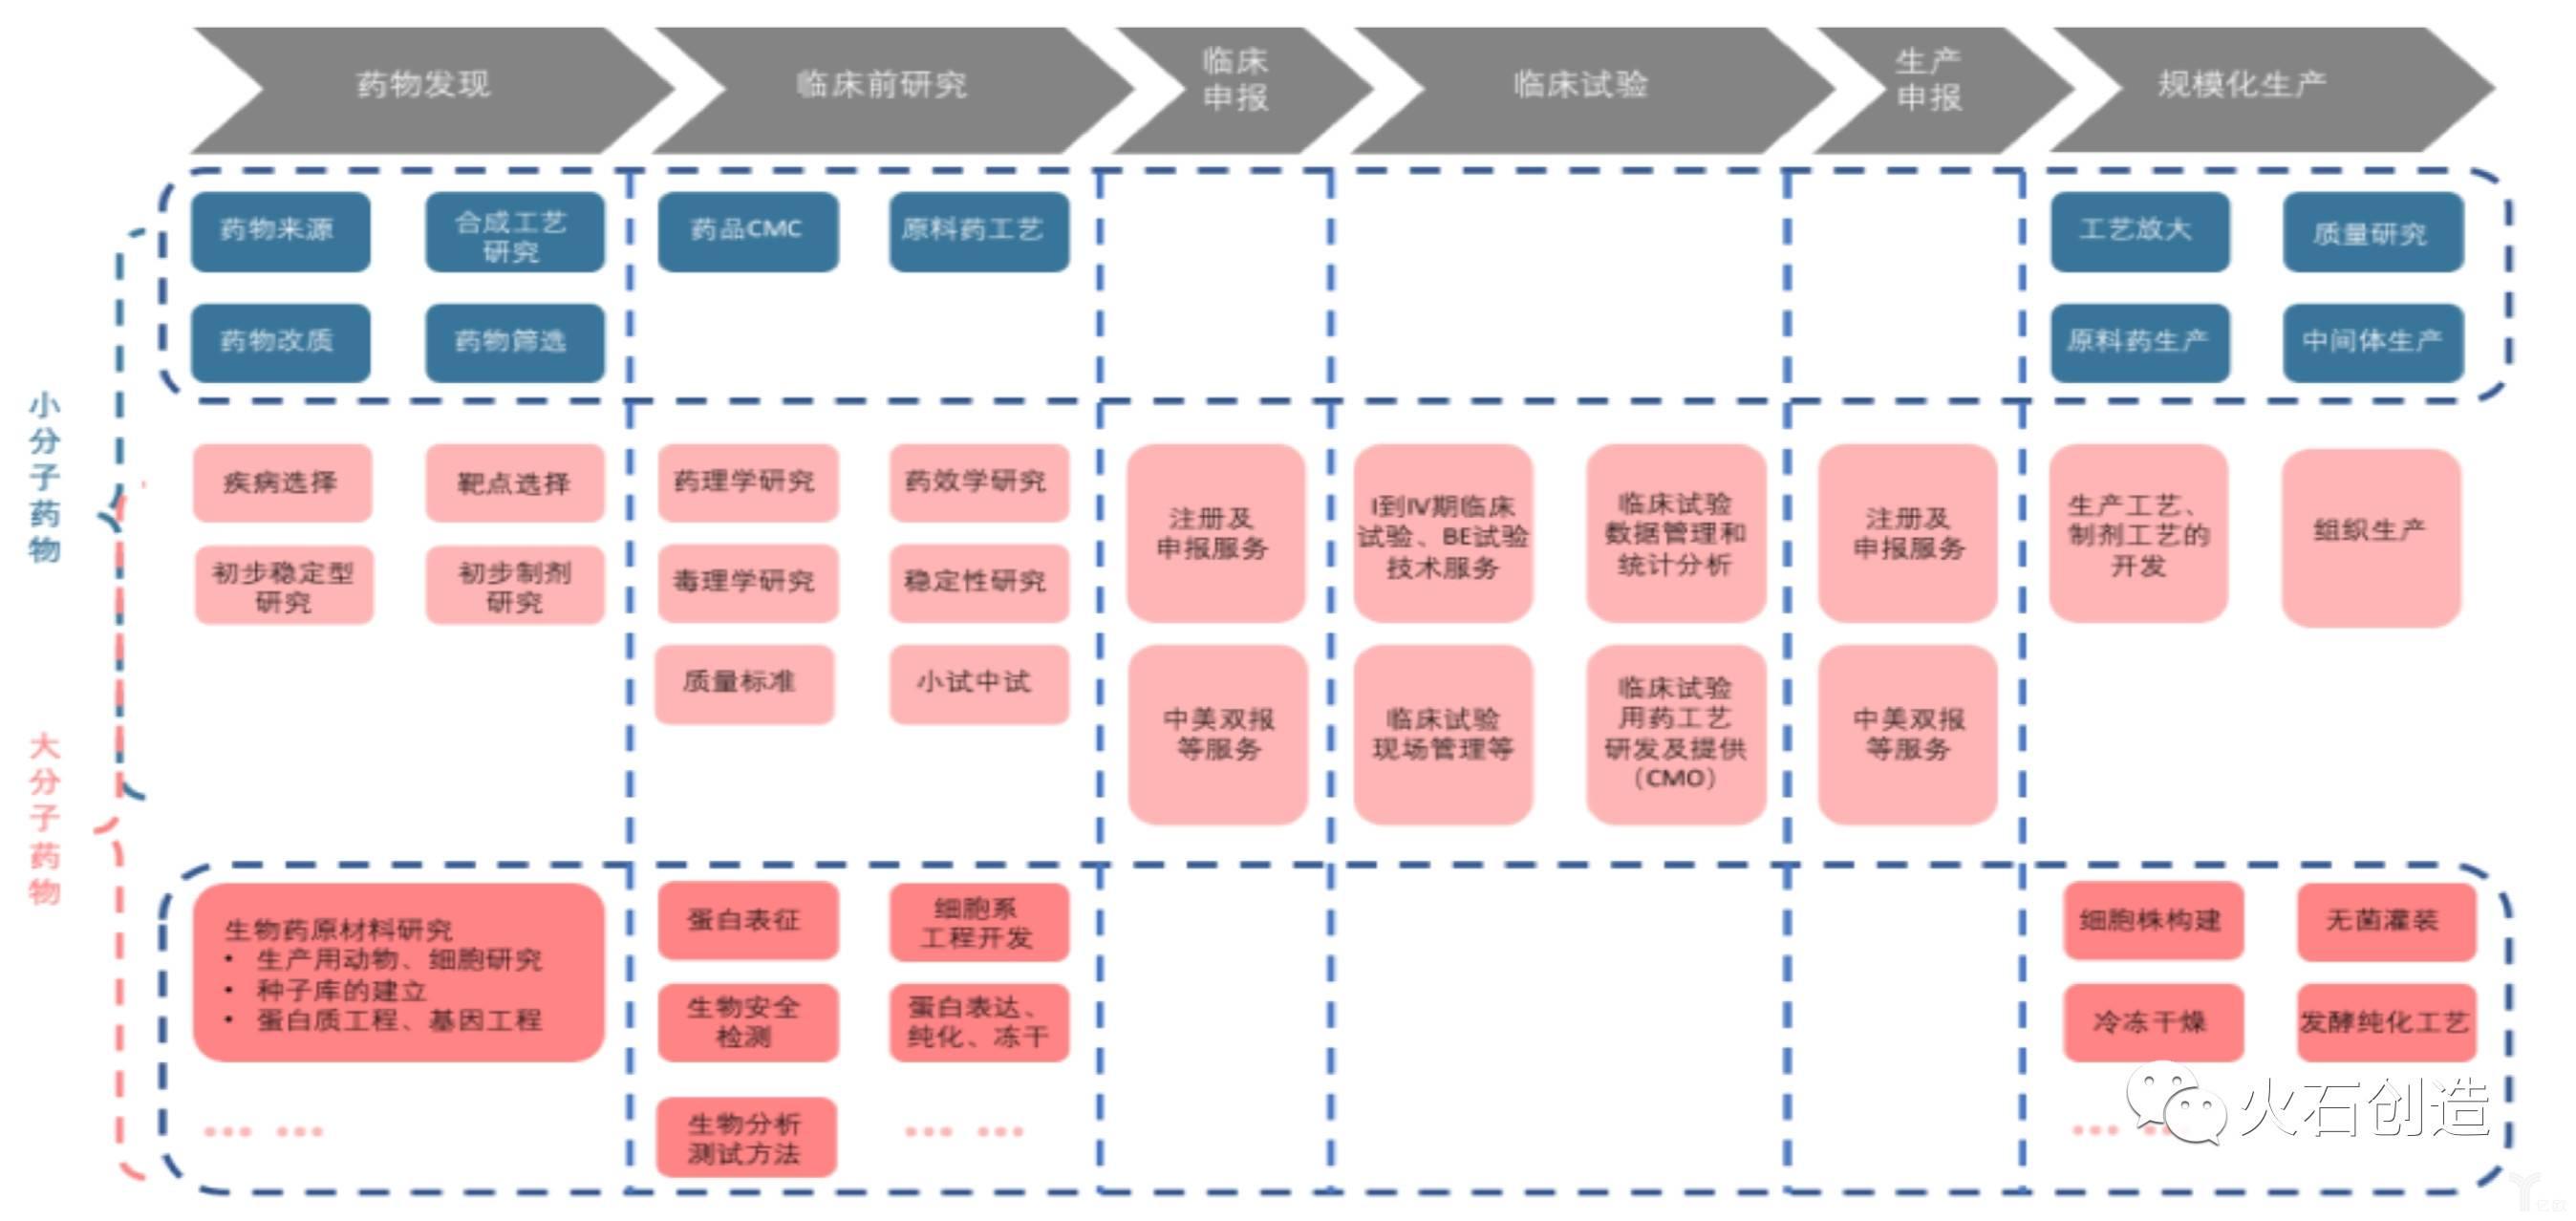 亿欧智库:一站式专业服务平台